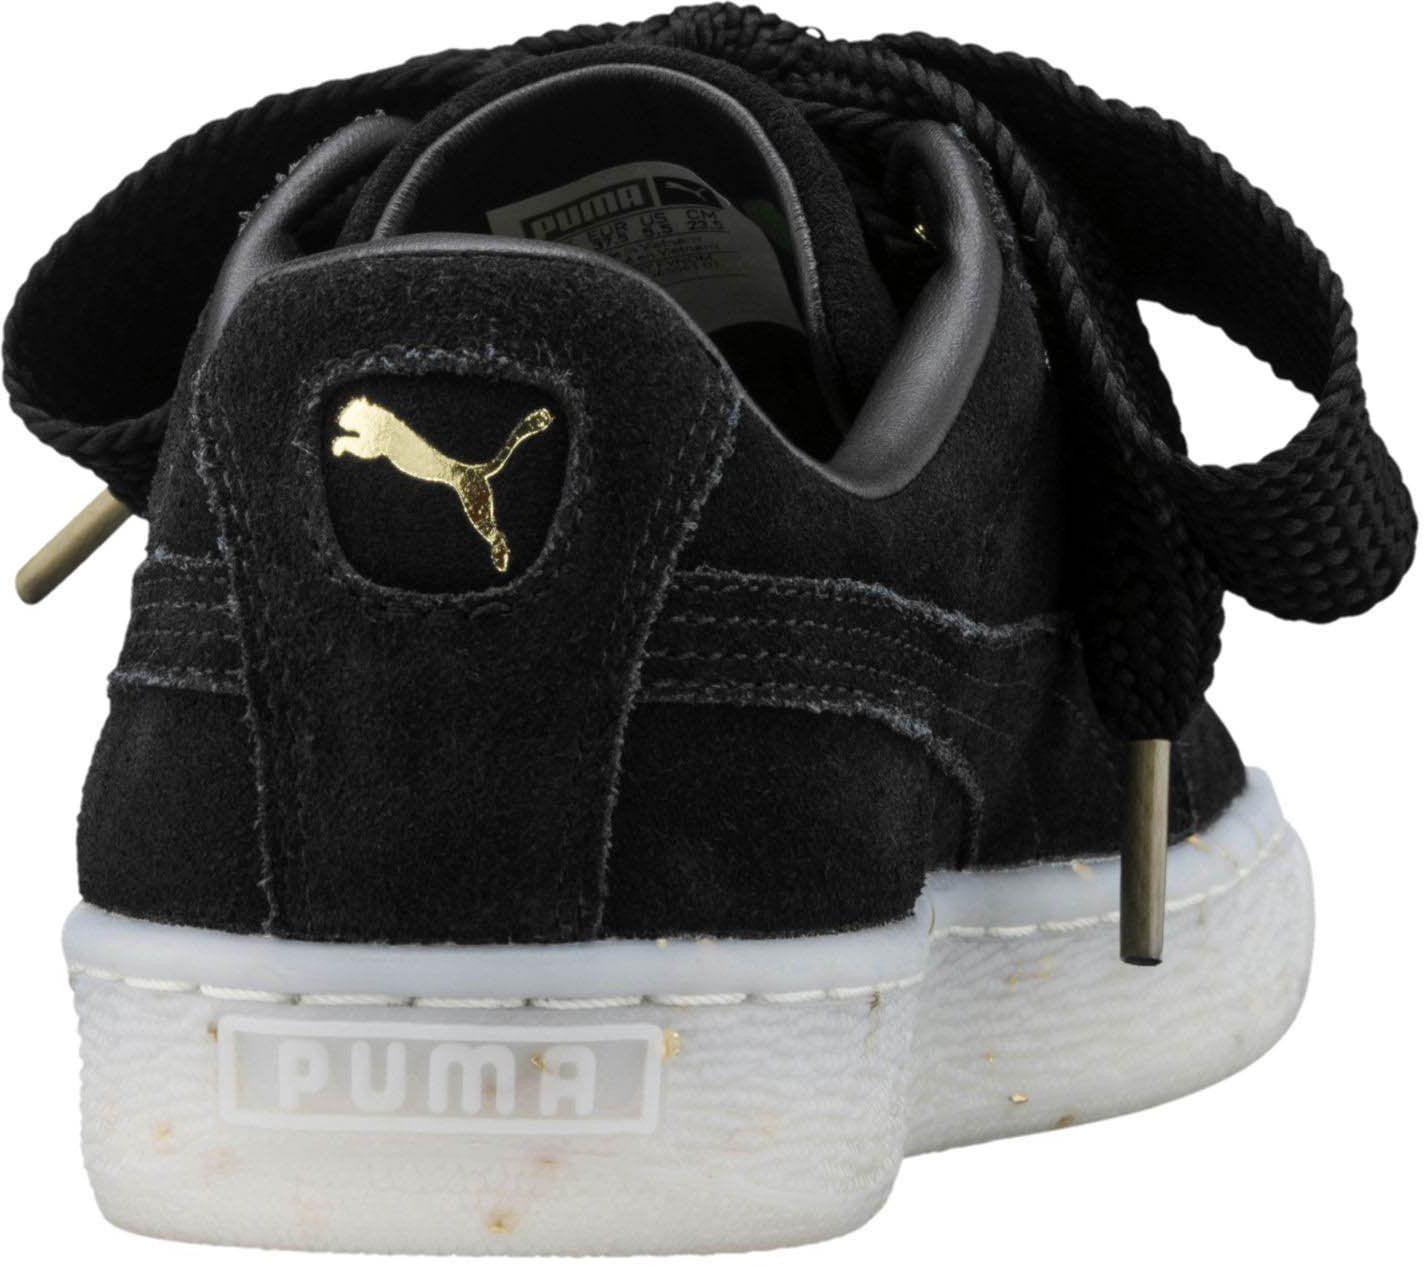 448072e6cfb PUMA - Puma 365561-01  Women s Suede Heart Celebrate Sneaker (8 B(M) US) -  Walmart.com